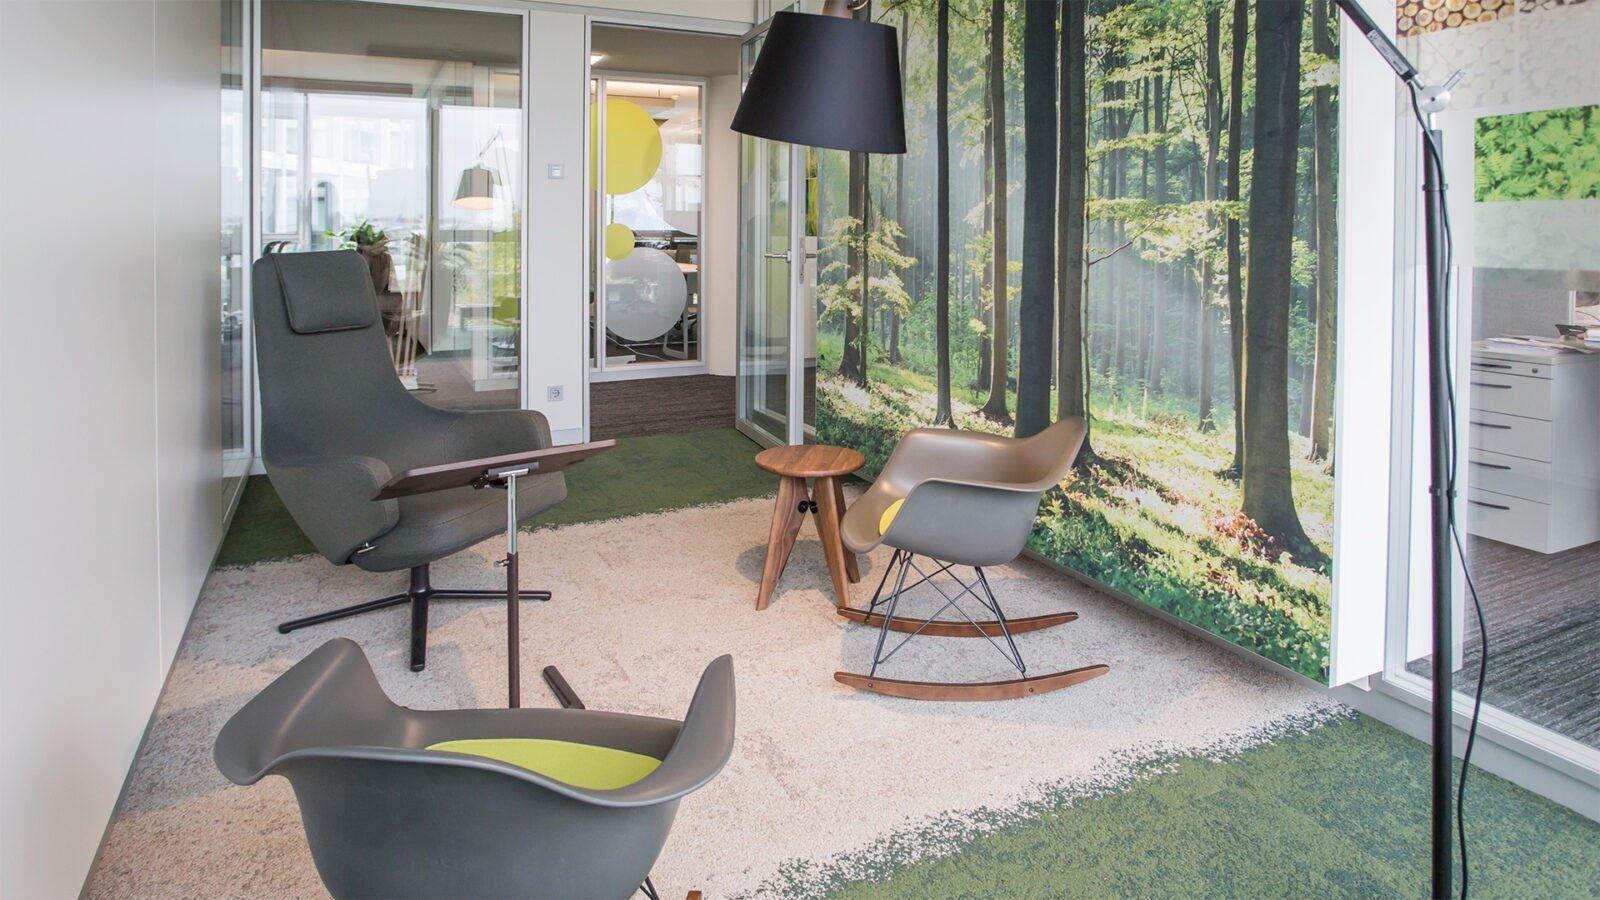 """Der """"Wald"""" als Raum für konzentriertes Arbeiten, zur Entspannung oder kurze Besprechungen"""